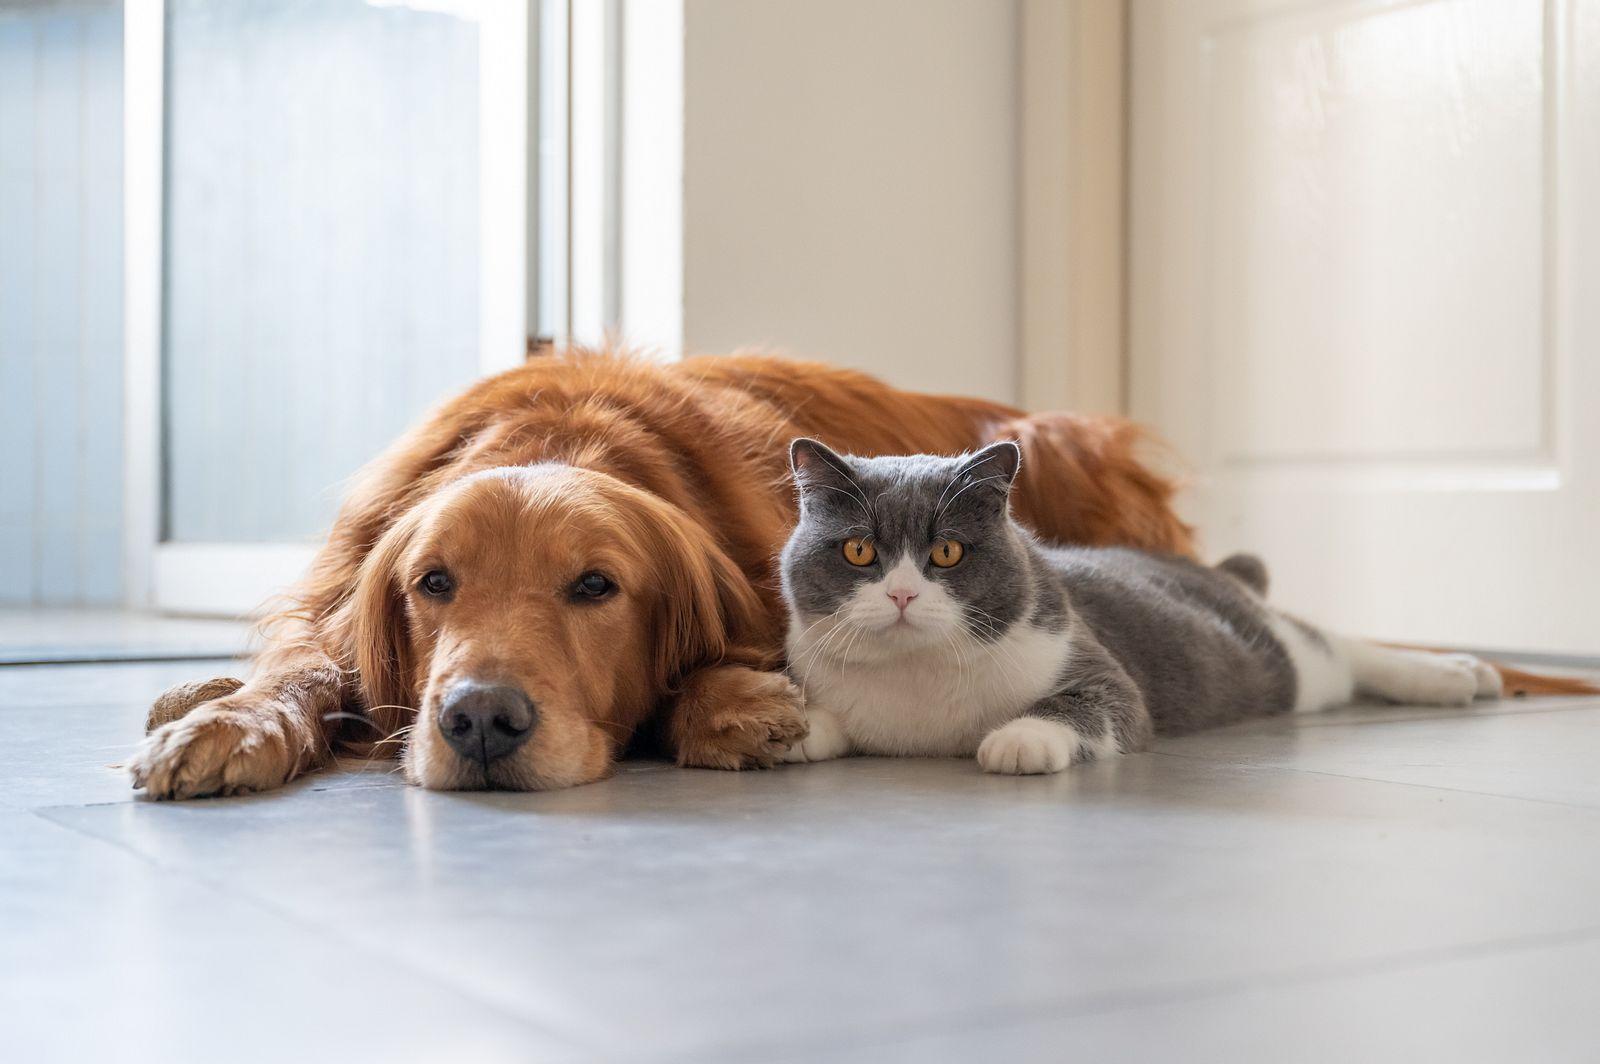 hund und katze aneinander gewöhnen das sollten sie